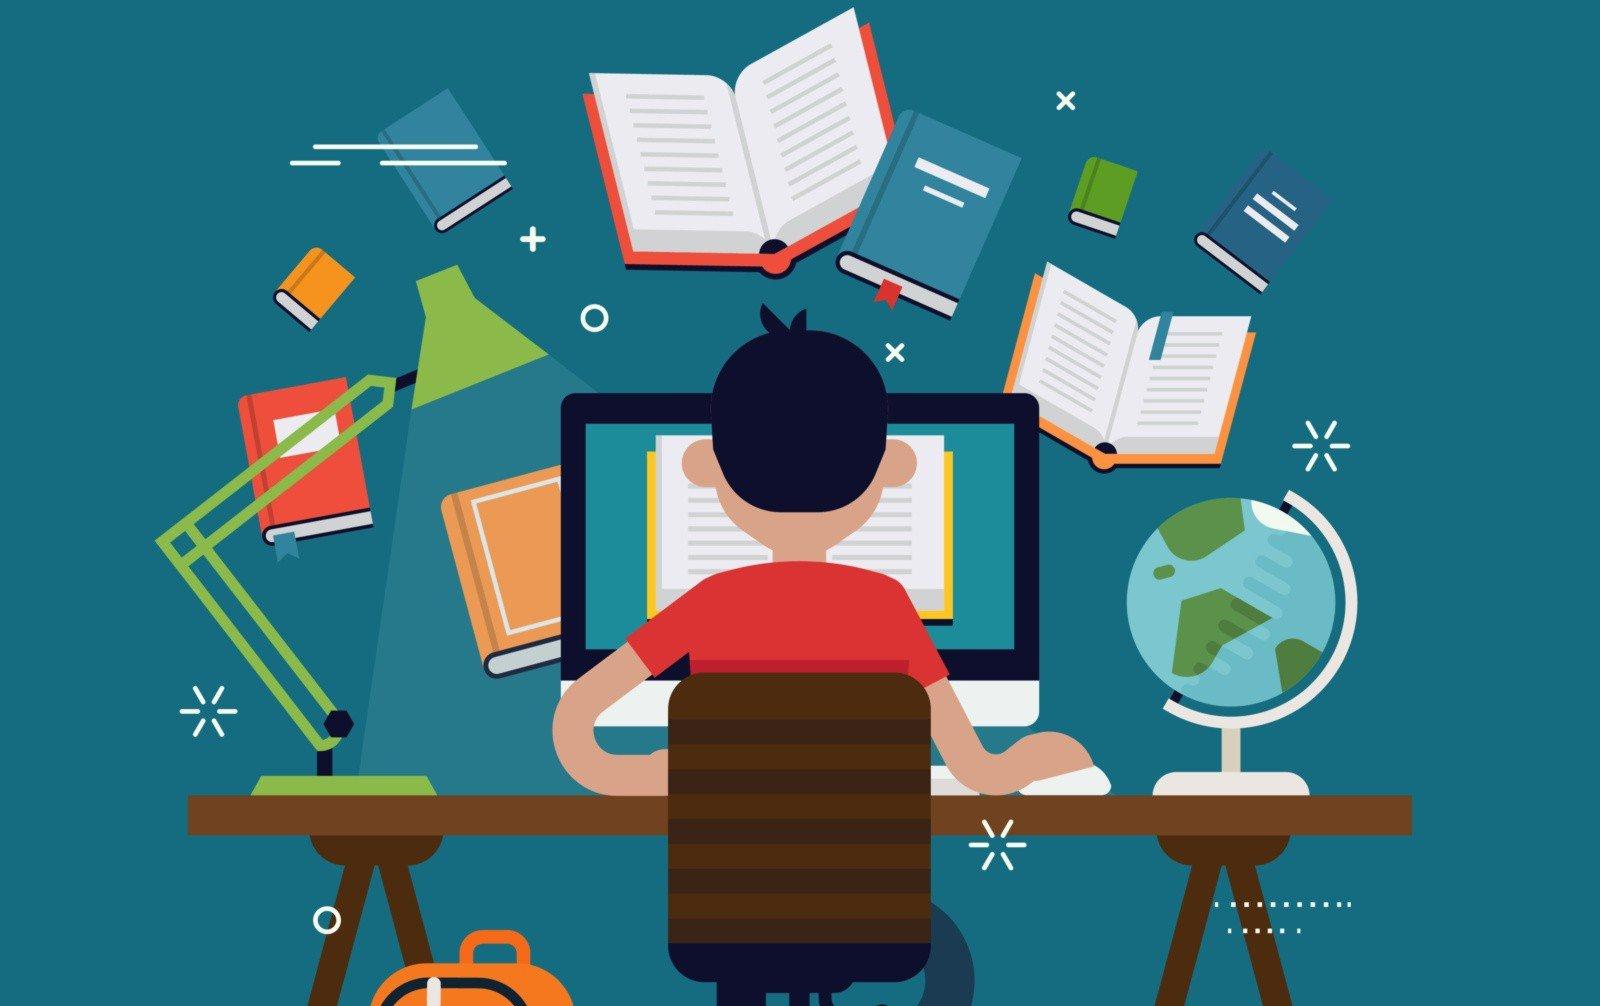 Scuola, la sfida alla didattica integrata con Weschool